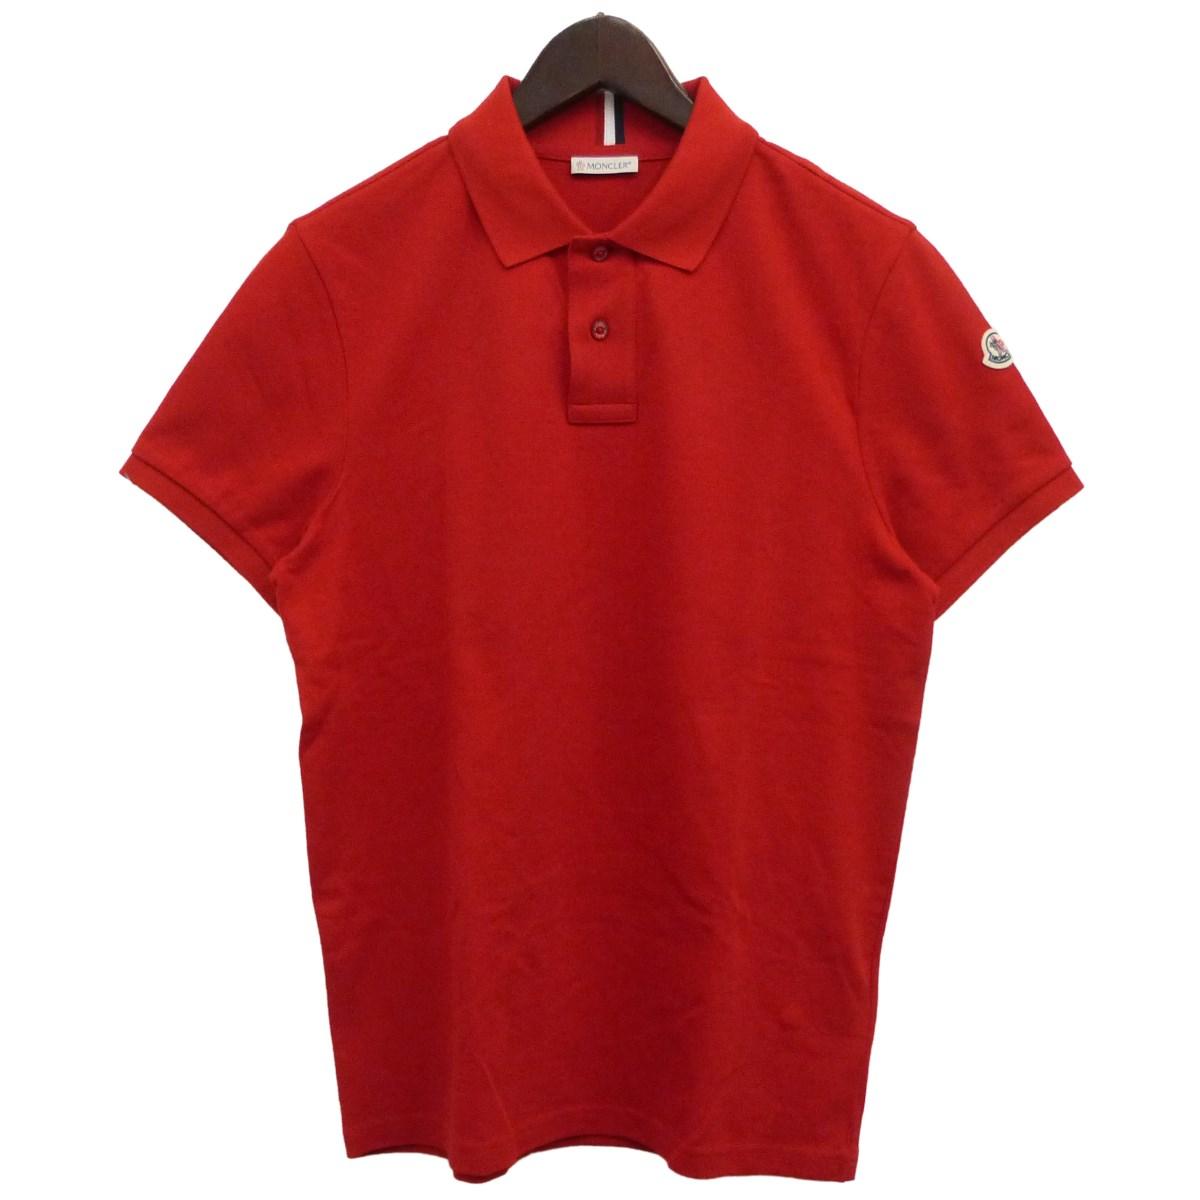 【中古】MONCLER19AW半袖ポロシャツ レッド サイズ:S